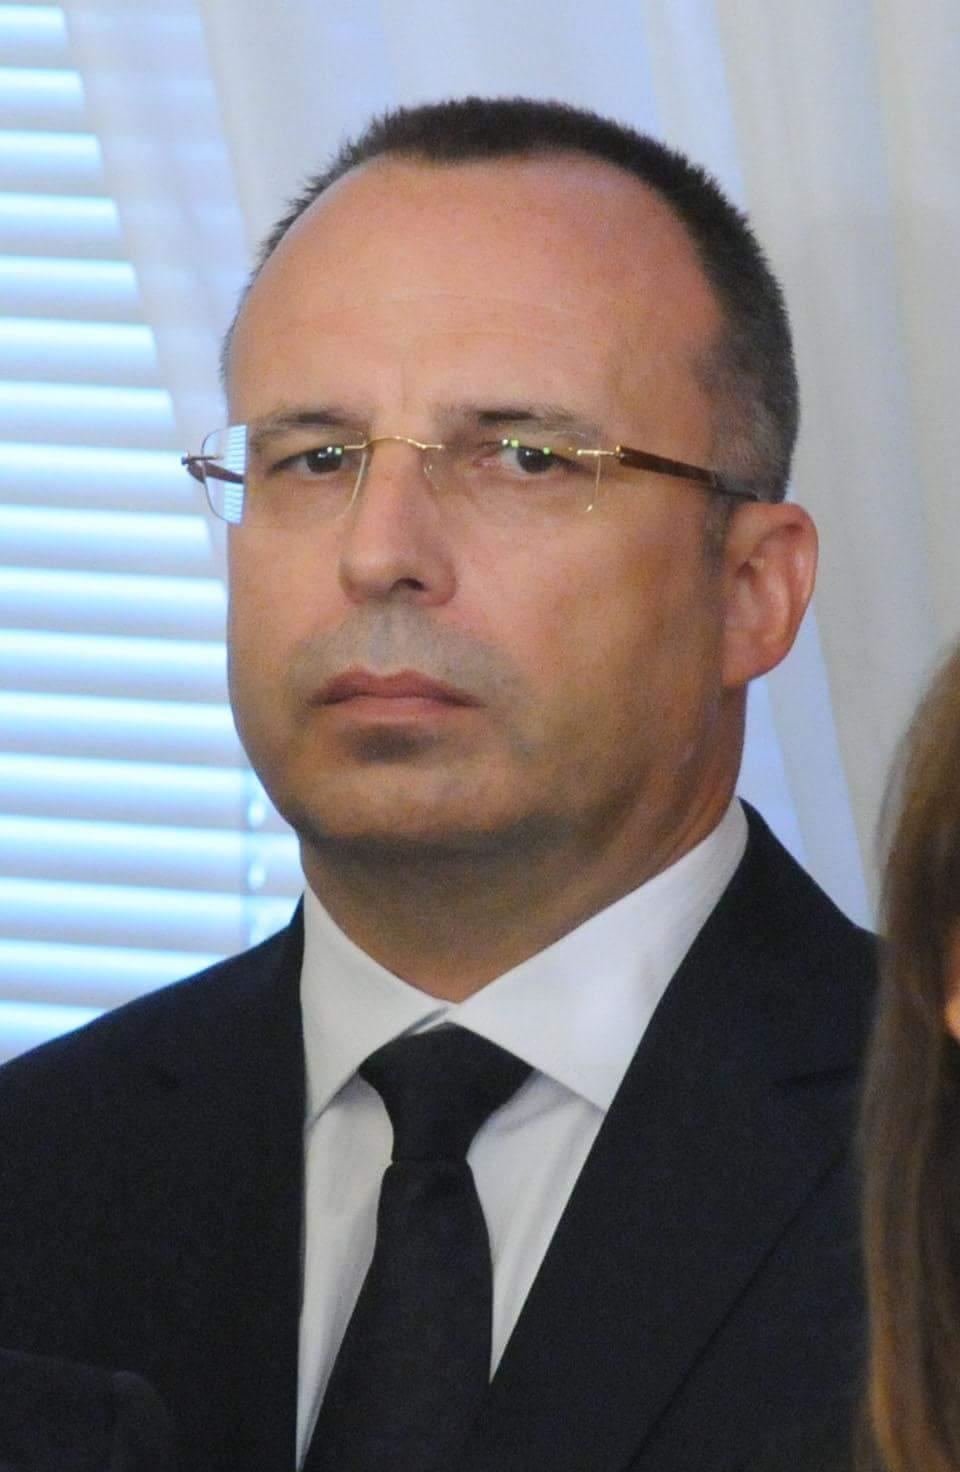 Това е министърът на земеделието, храните и горите Румен Порожанов – много доверен човек, най-личен човек, лоялен към когото трябва